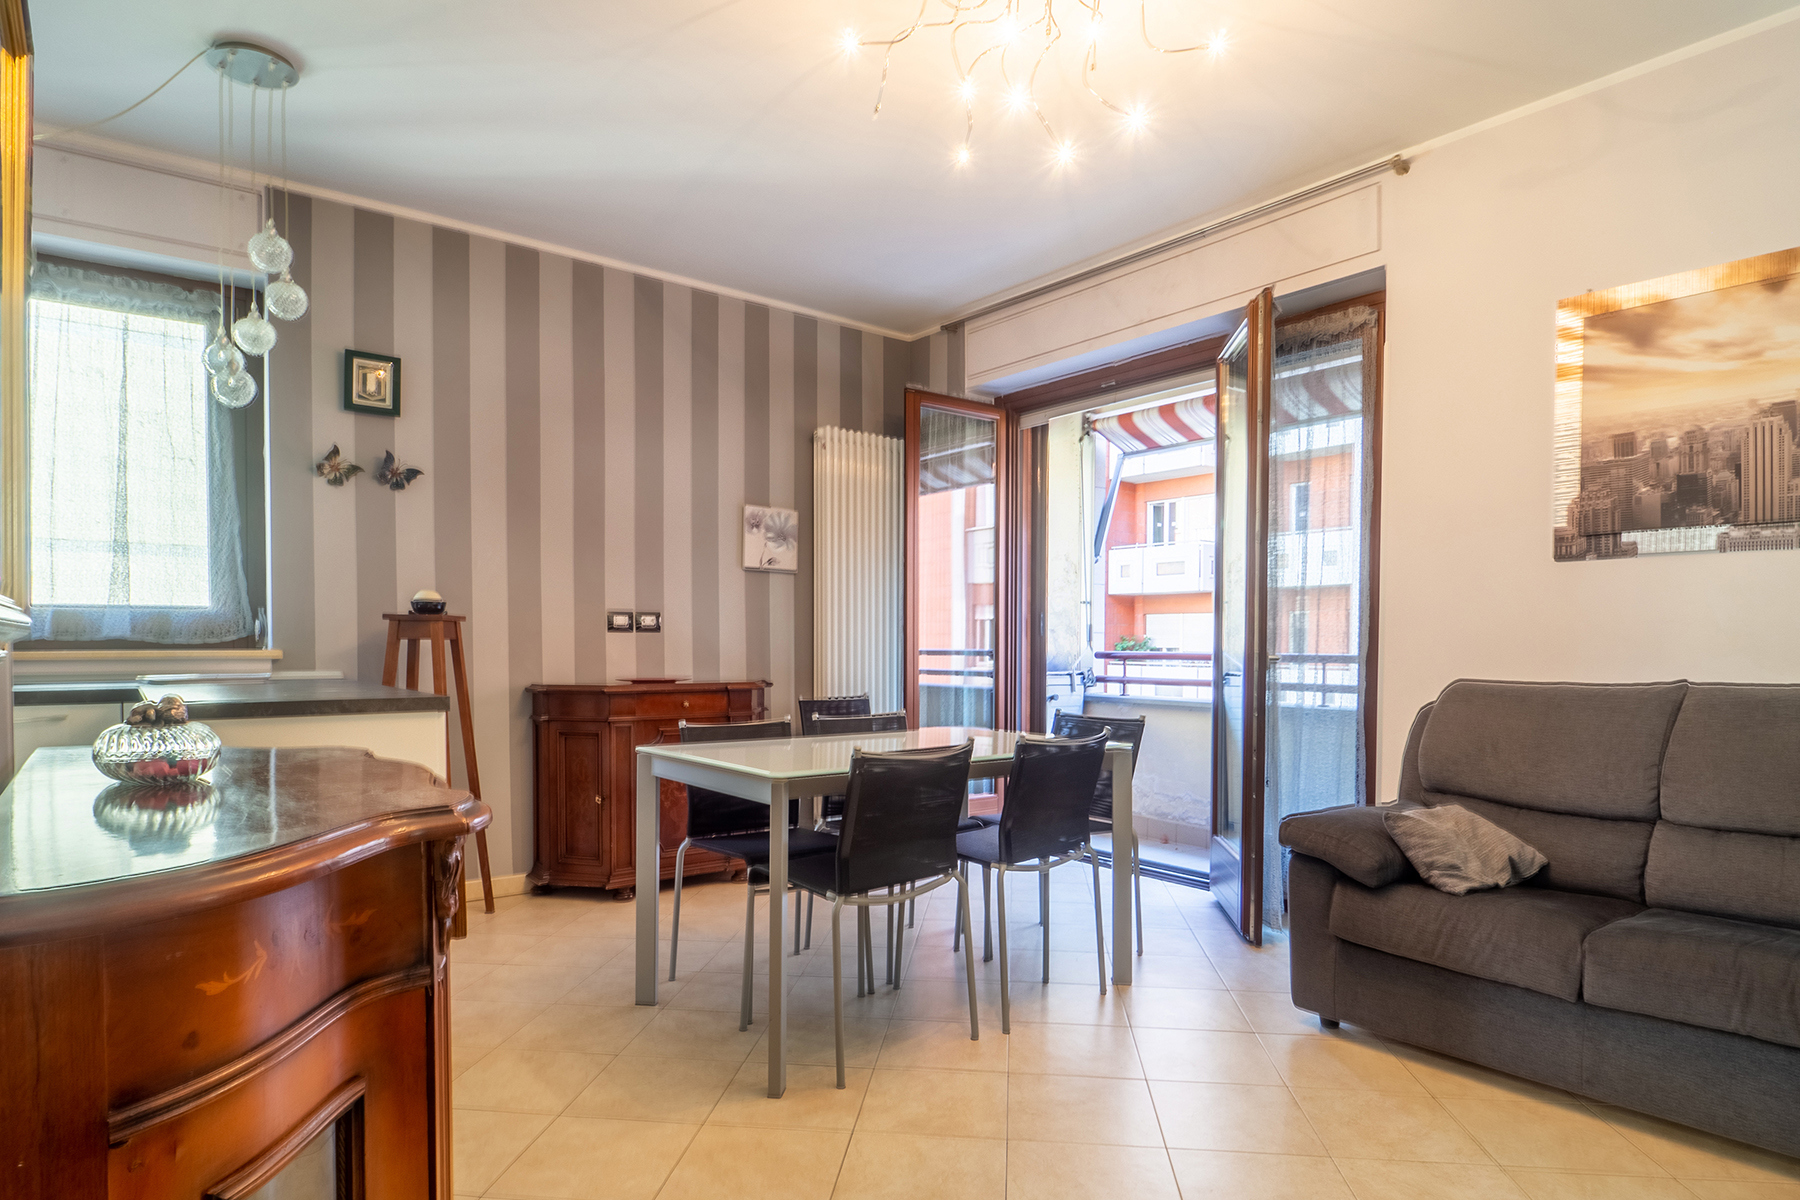 Appartamento in Vendita a Torino: 2 locali, 66 mq - Foto 2